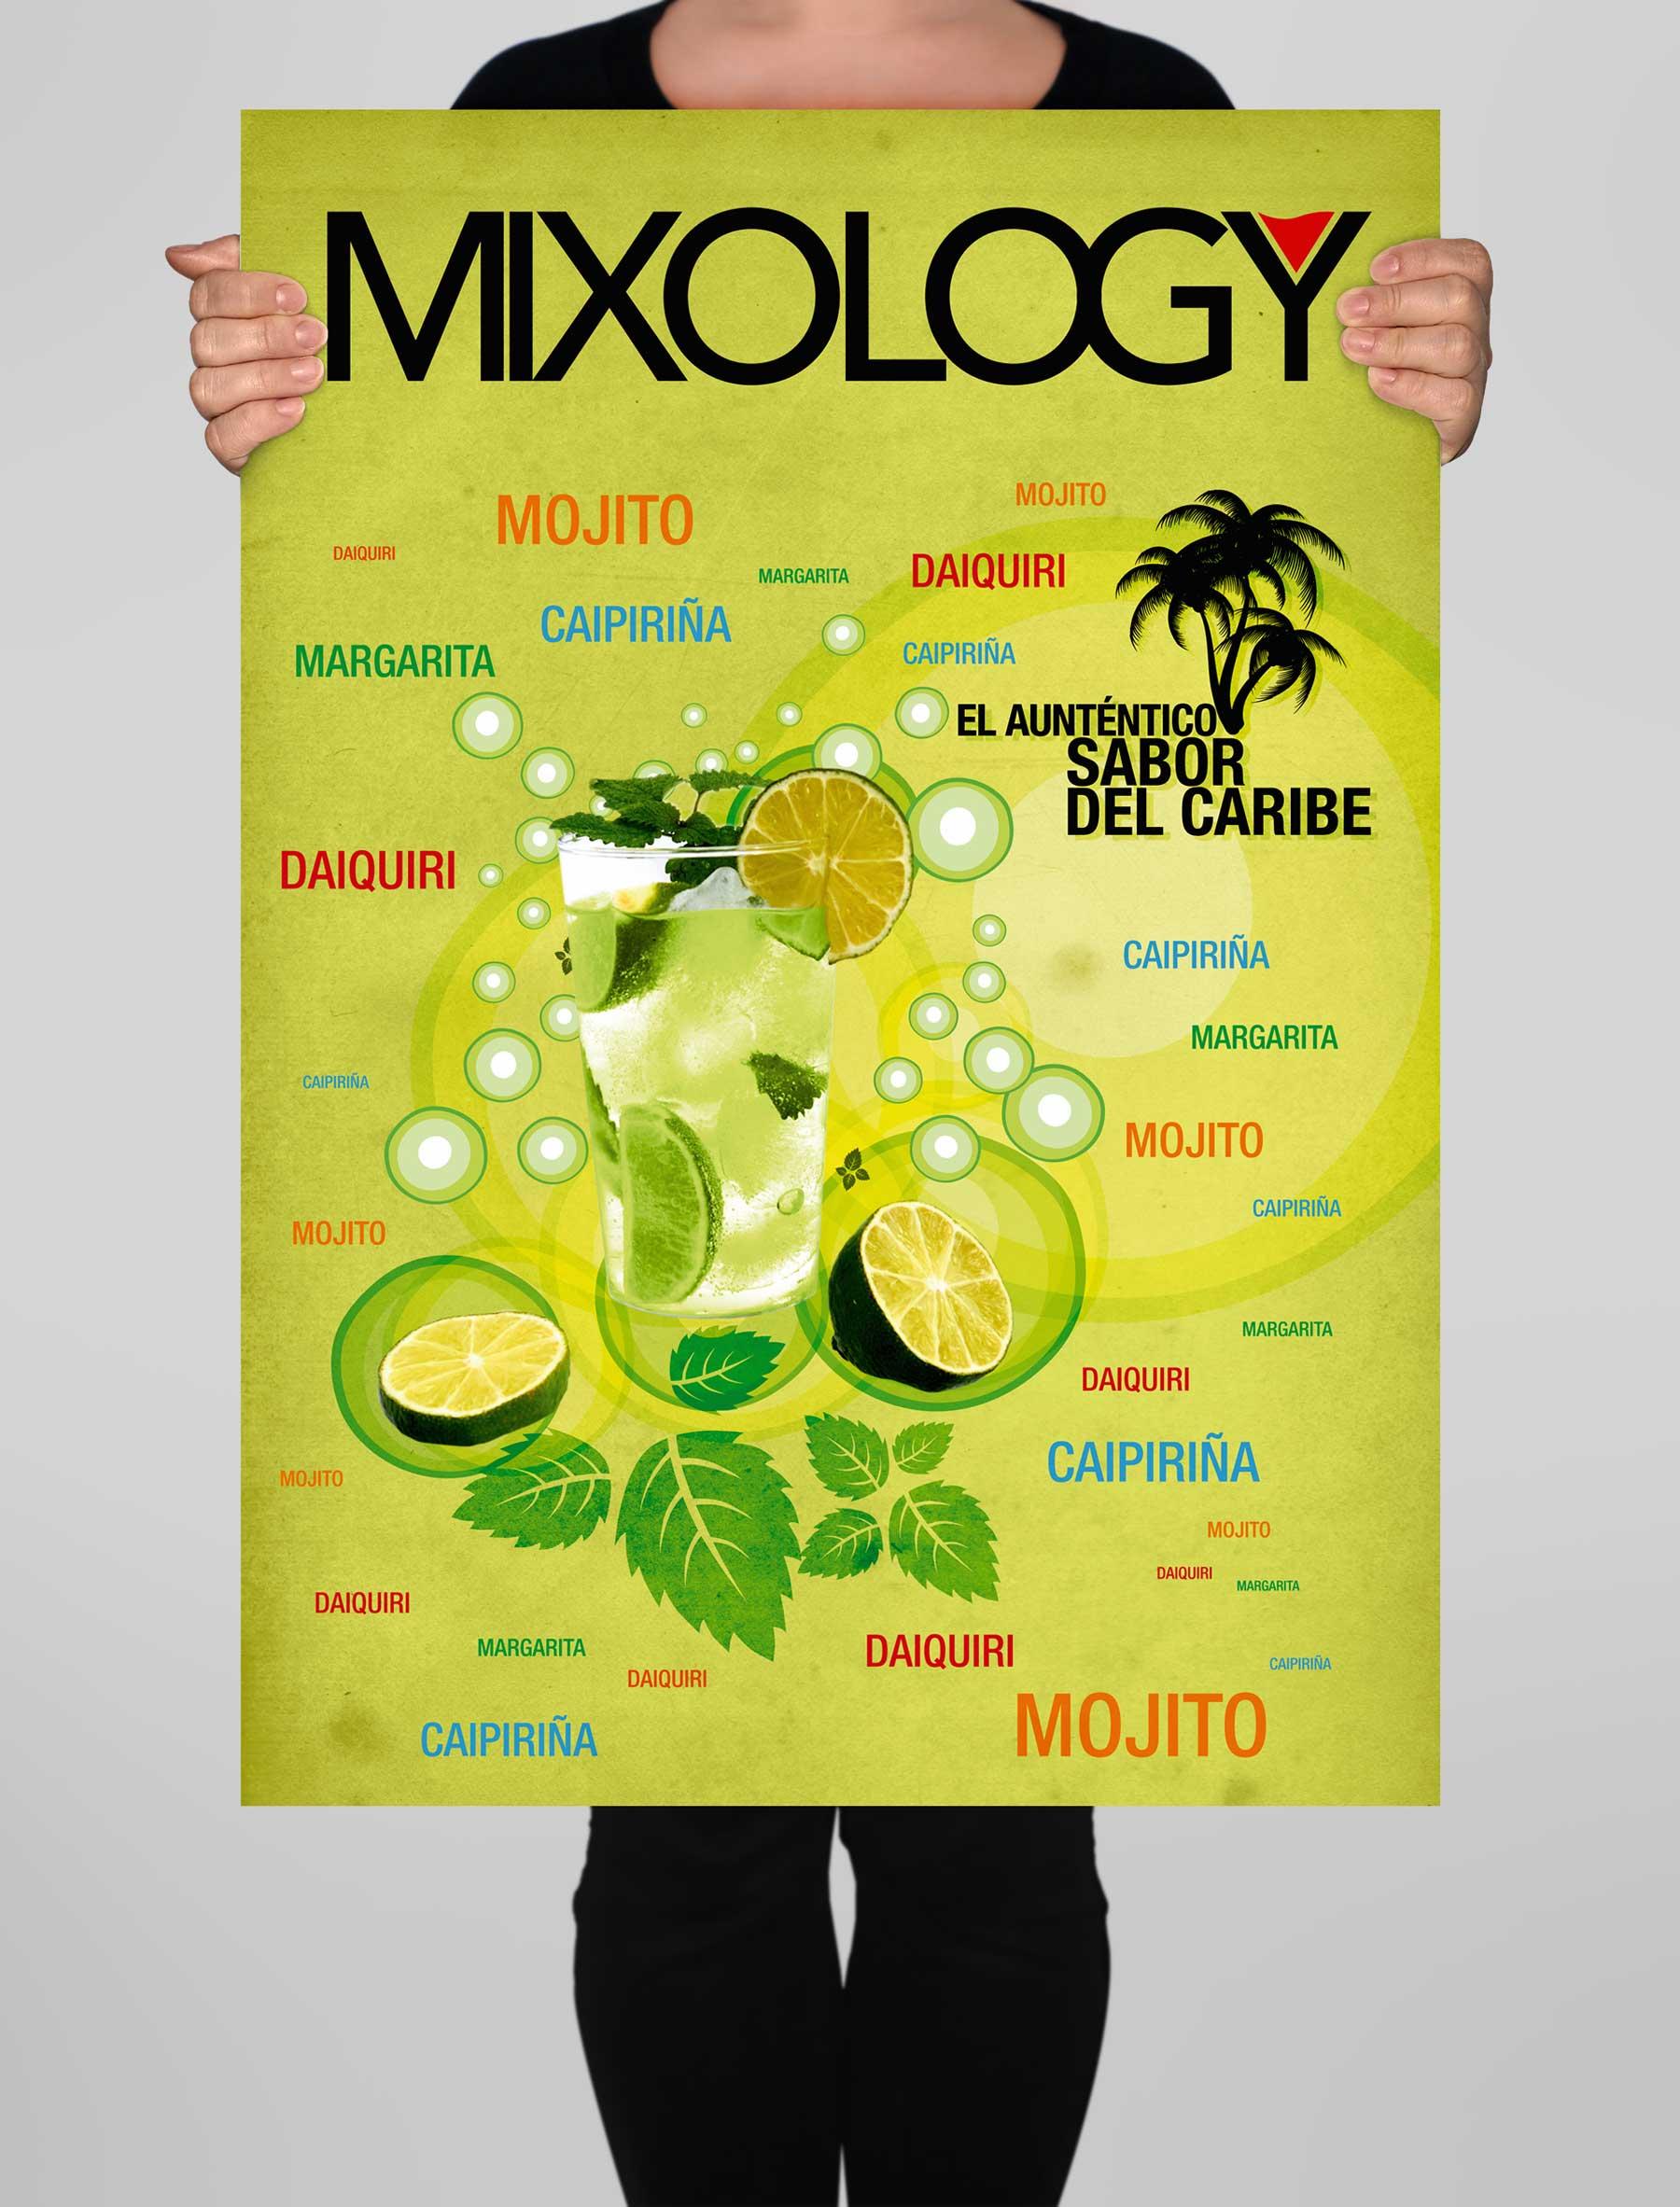 mixology_03